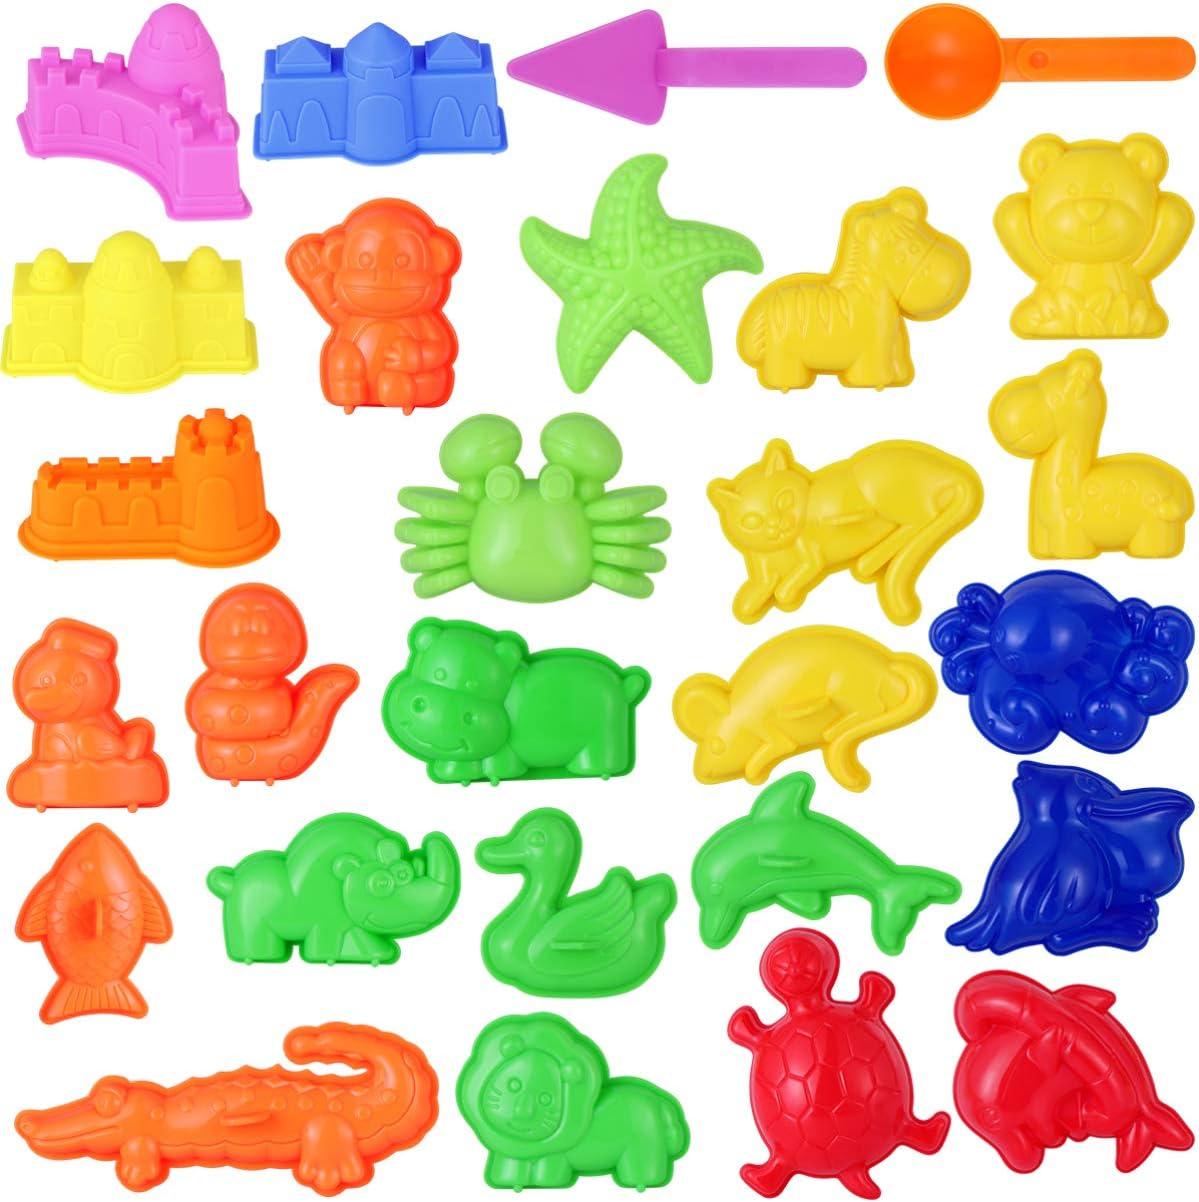 TOYANDONA 27 Piezas de Juguetes de Moldeo en Arena, Mini Juguetes de Caja de Arena Kit de Construcción de Castillos de Arena para Playa de Verano (Color Aleatorio)